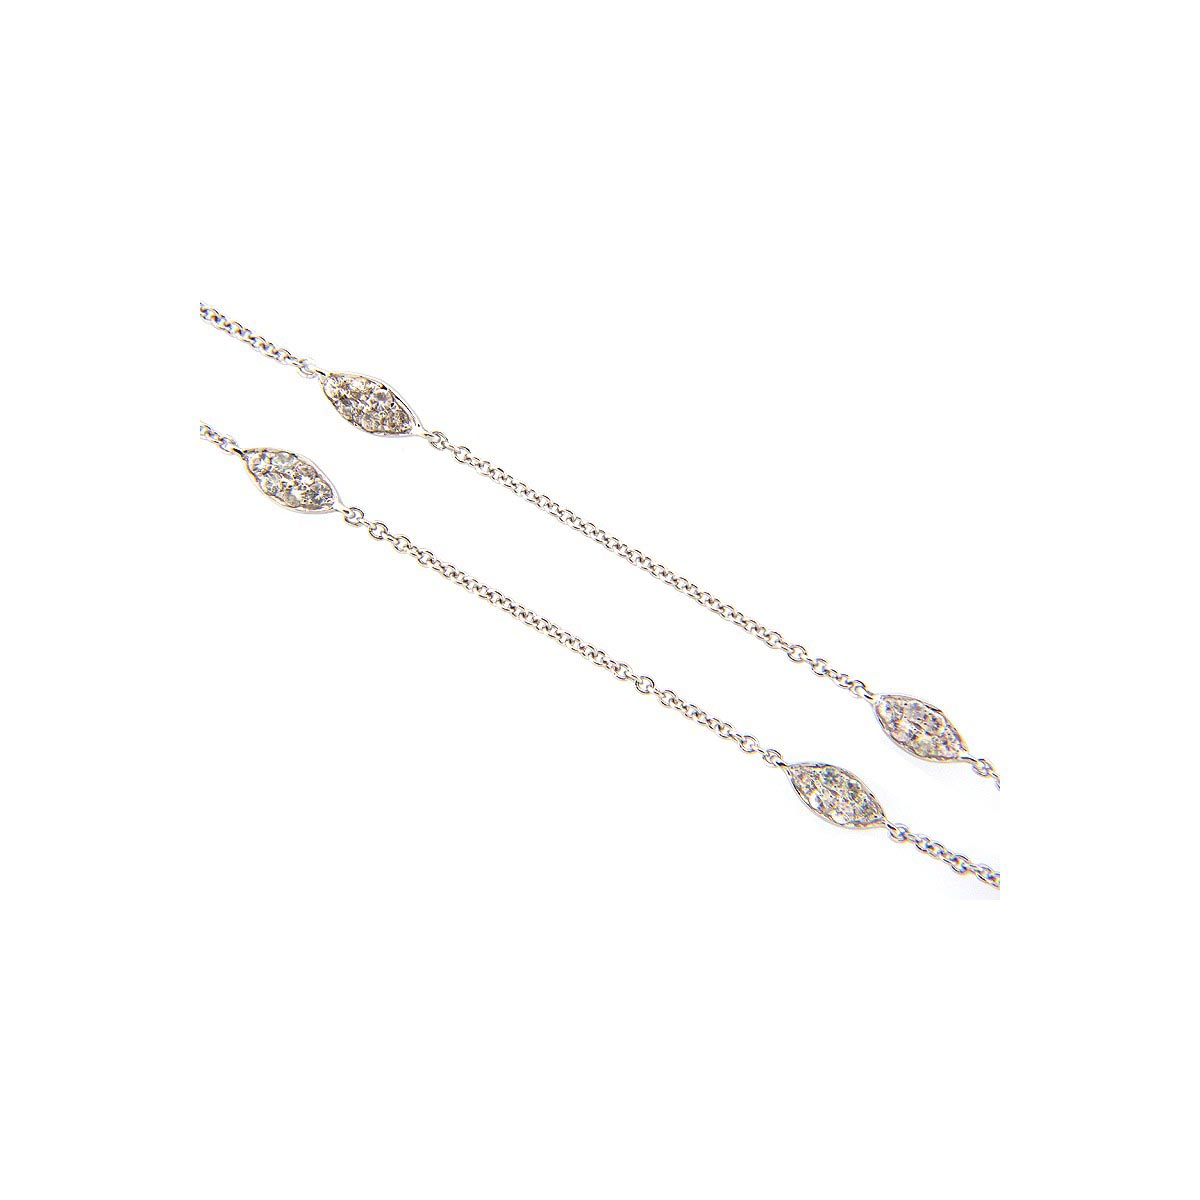 White Sapphire Chain